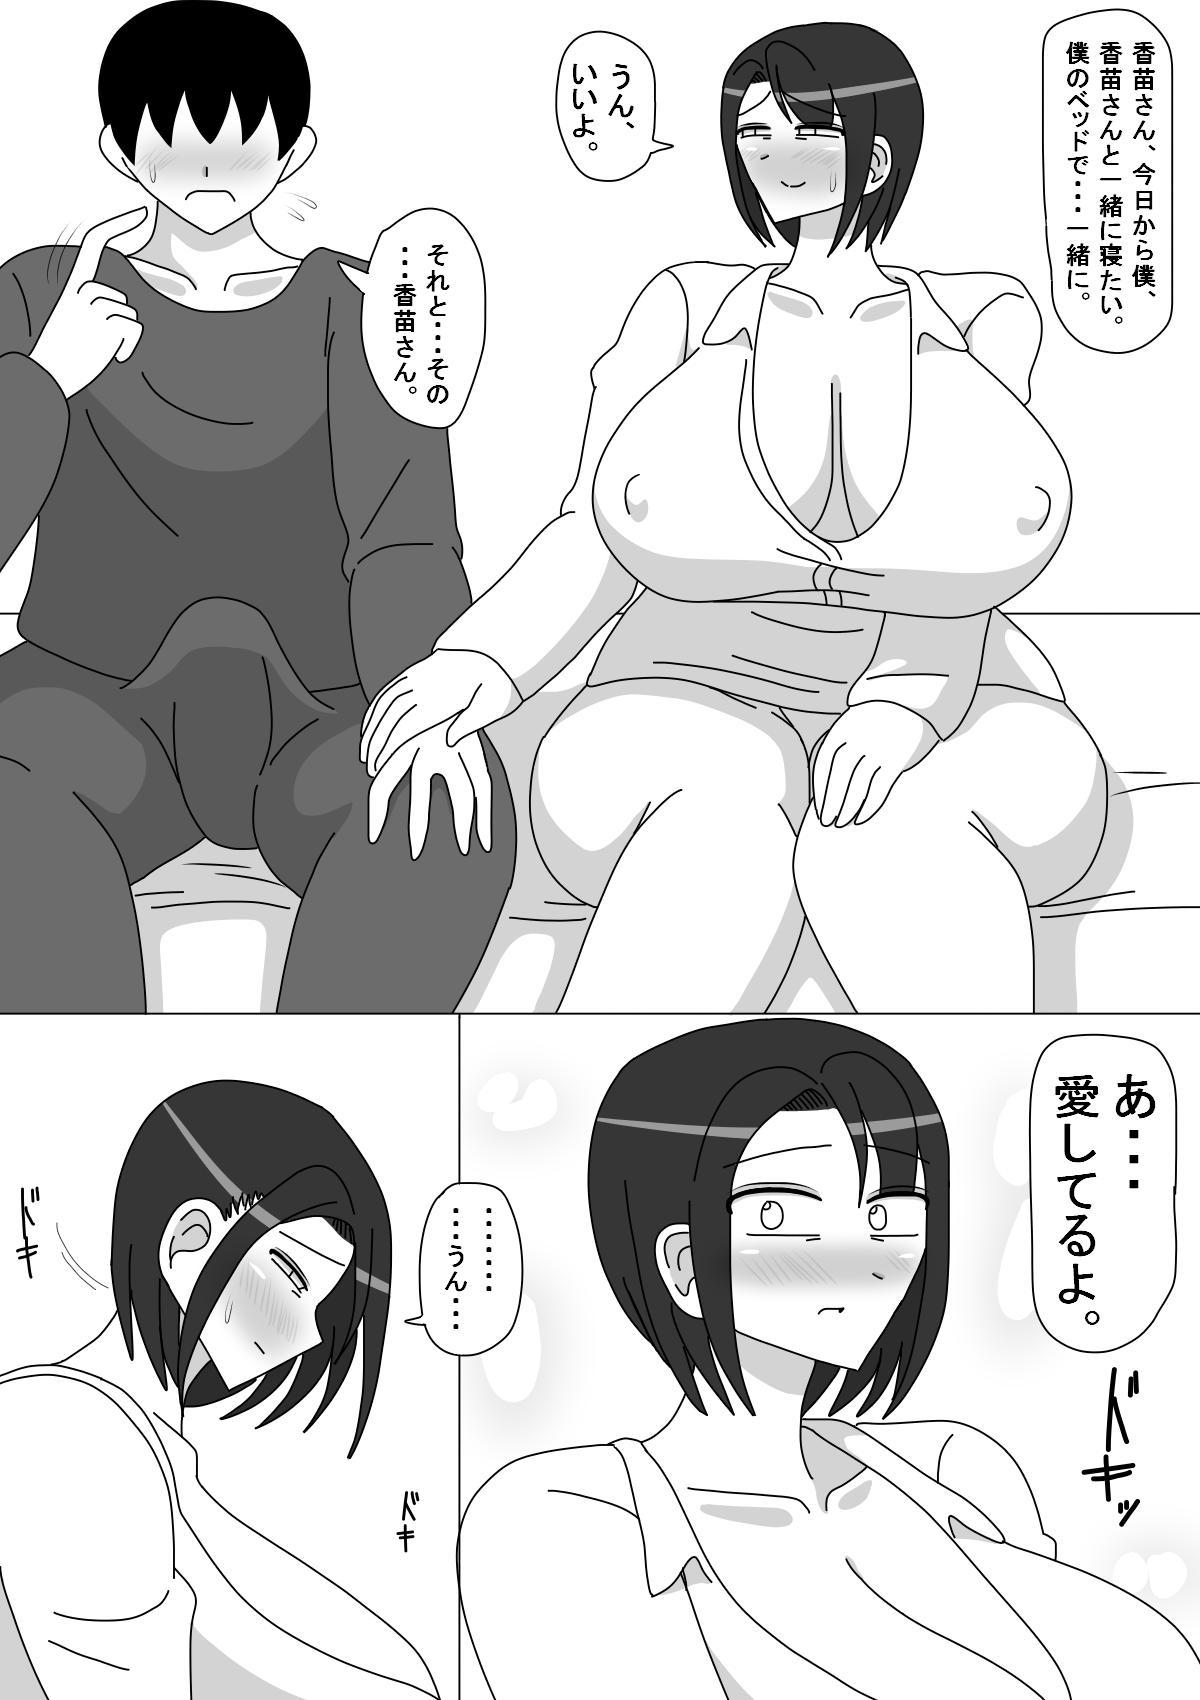 Kanae-san 26